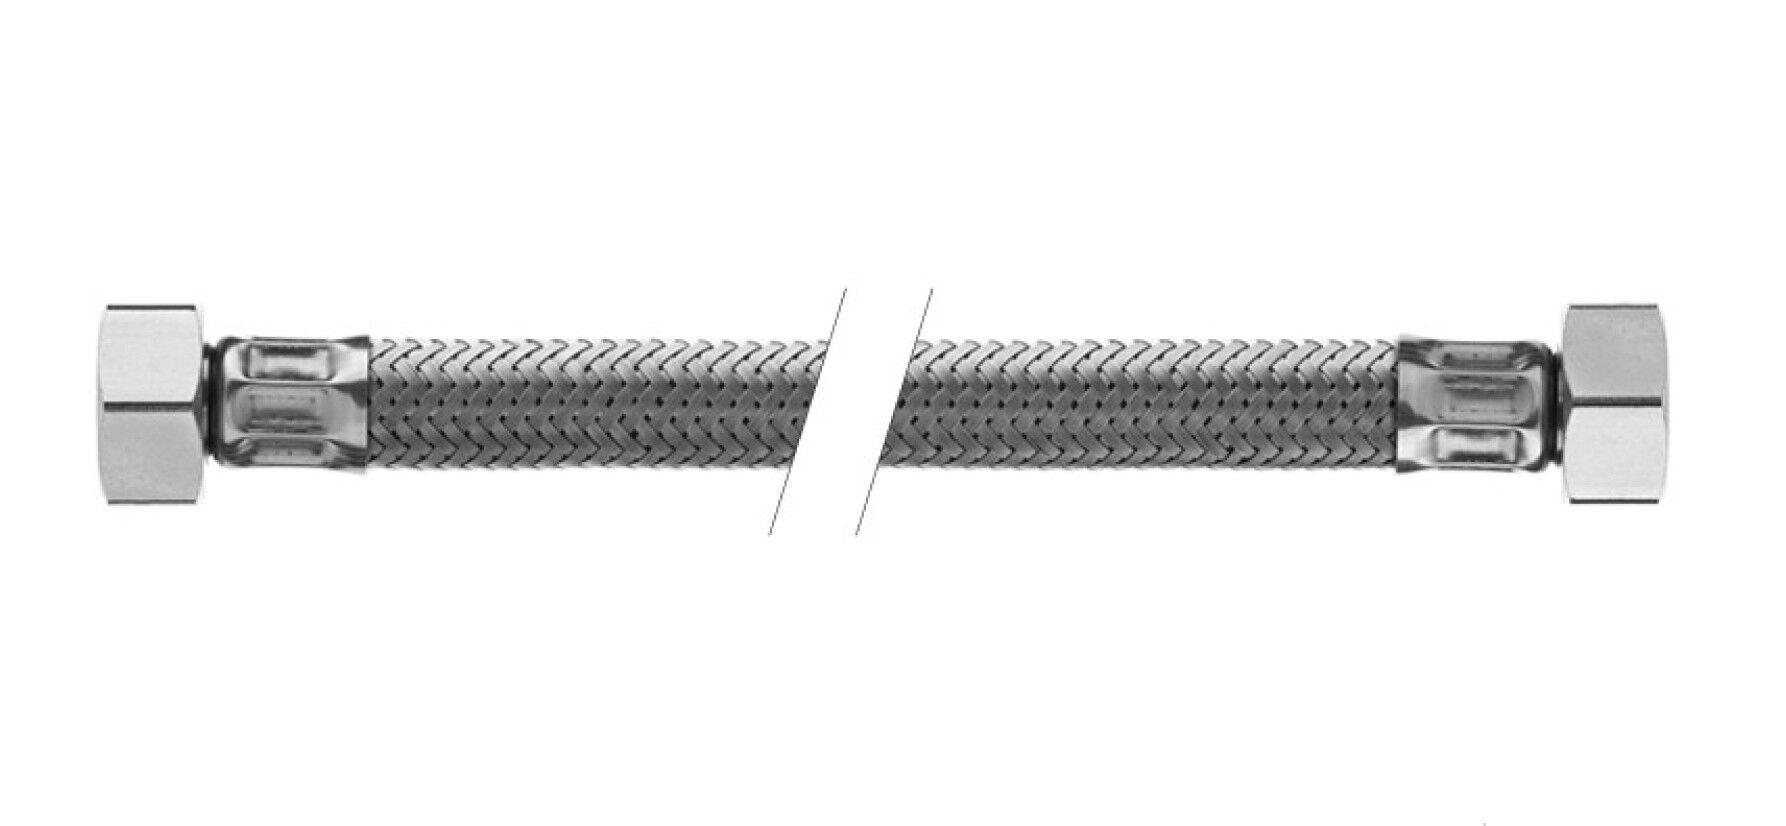 Uéva Design Flexibles sanitaire alimentation eau - 1500mm - Métalique